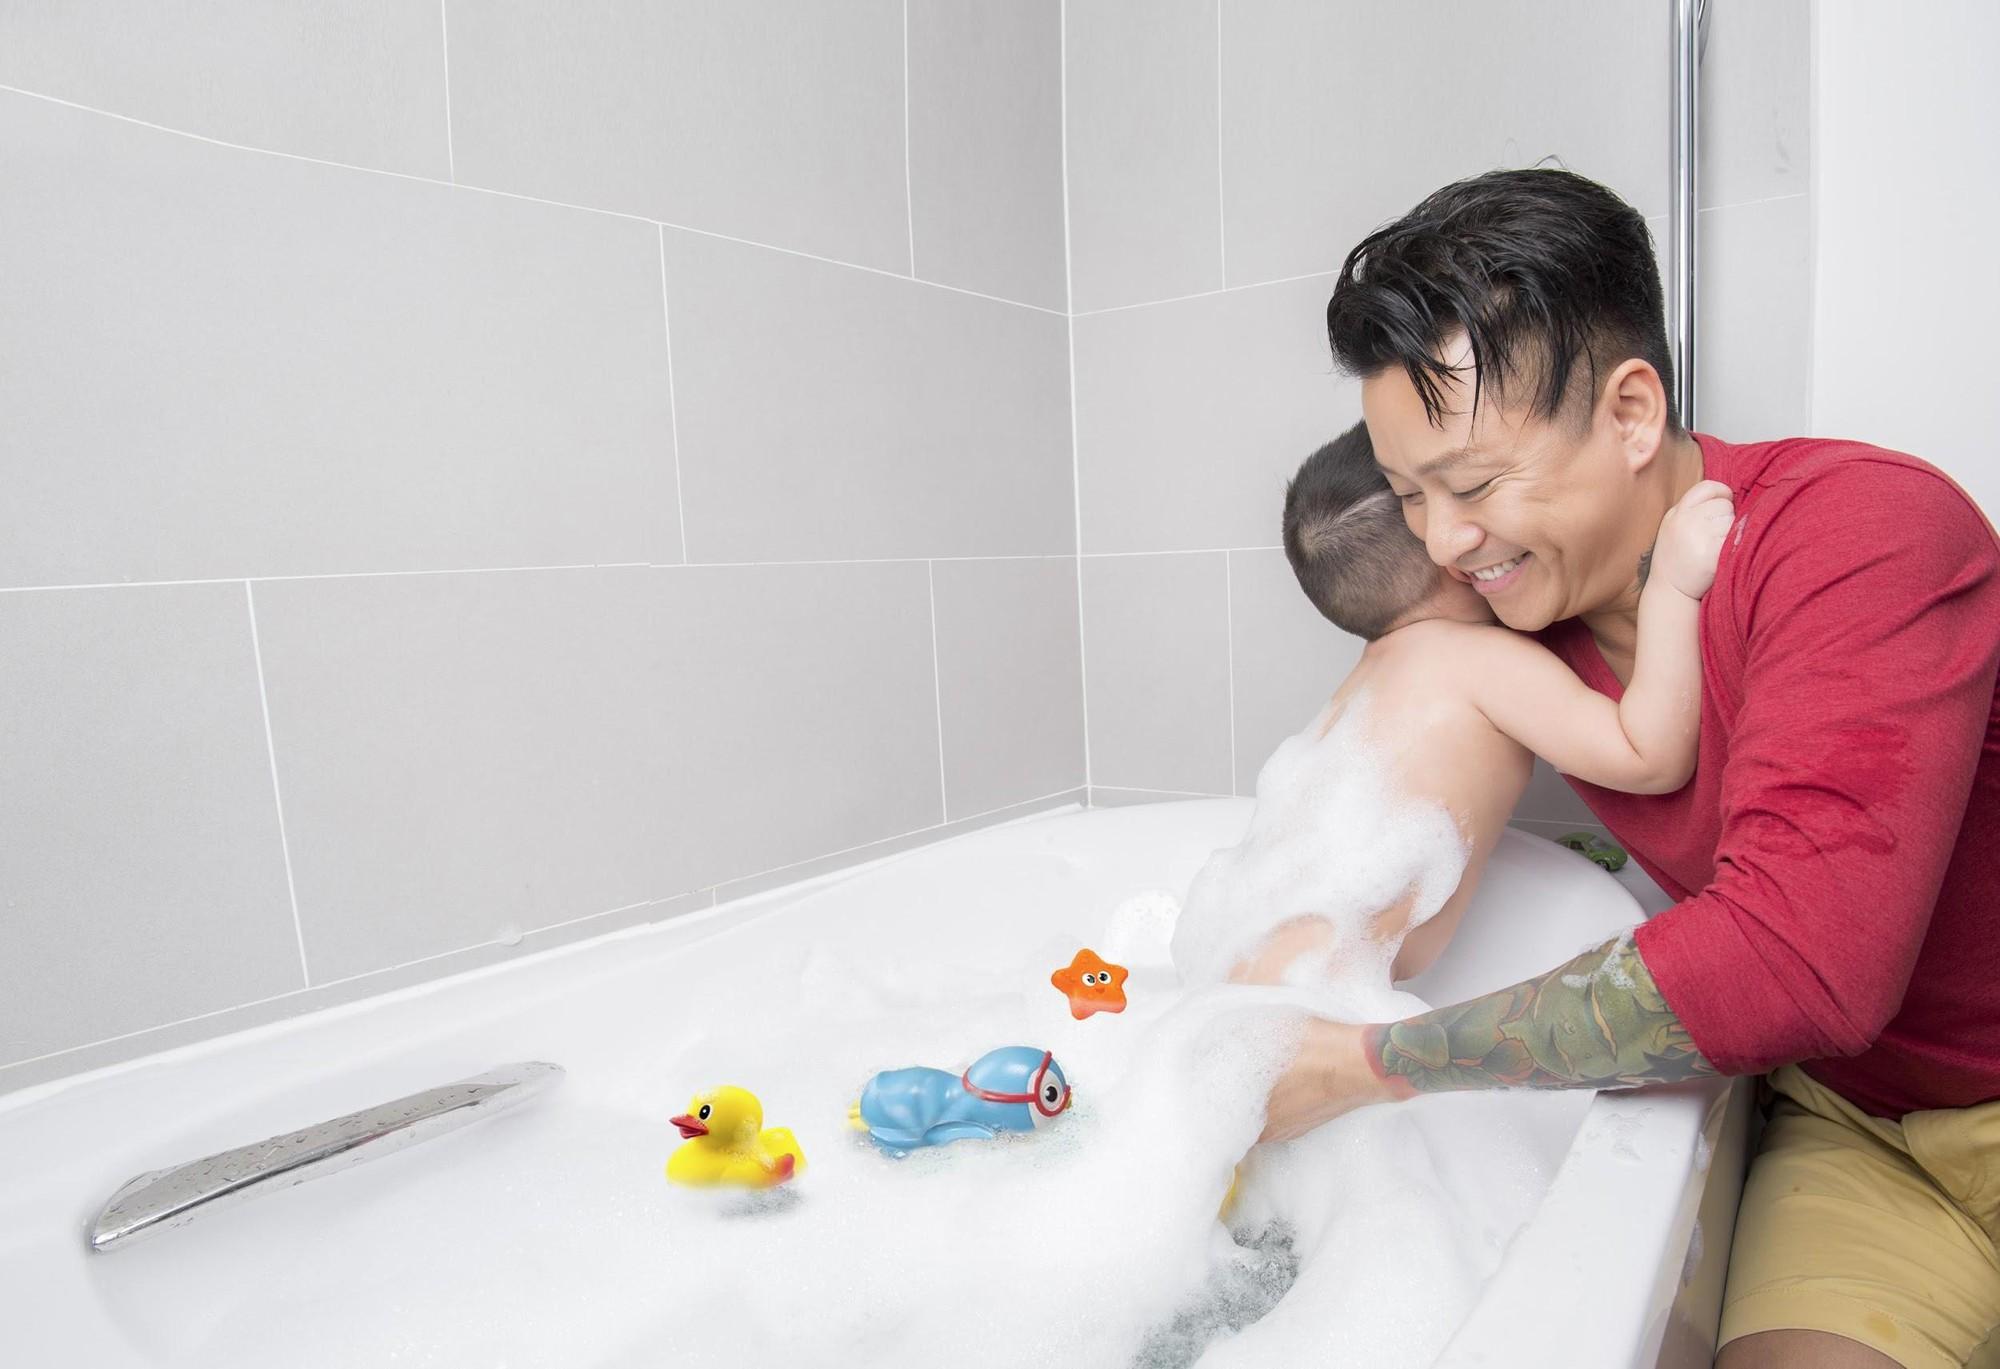 Sao nam Việt: Từng là soái ca sát gái hô biến thành ông bố bỉm sữa đảm đang - Ảnh 3.